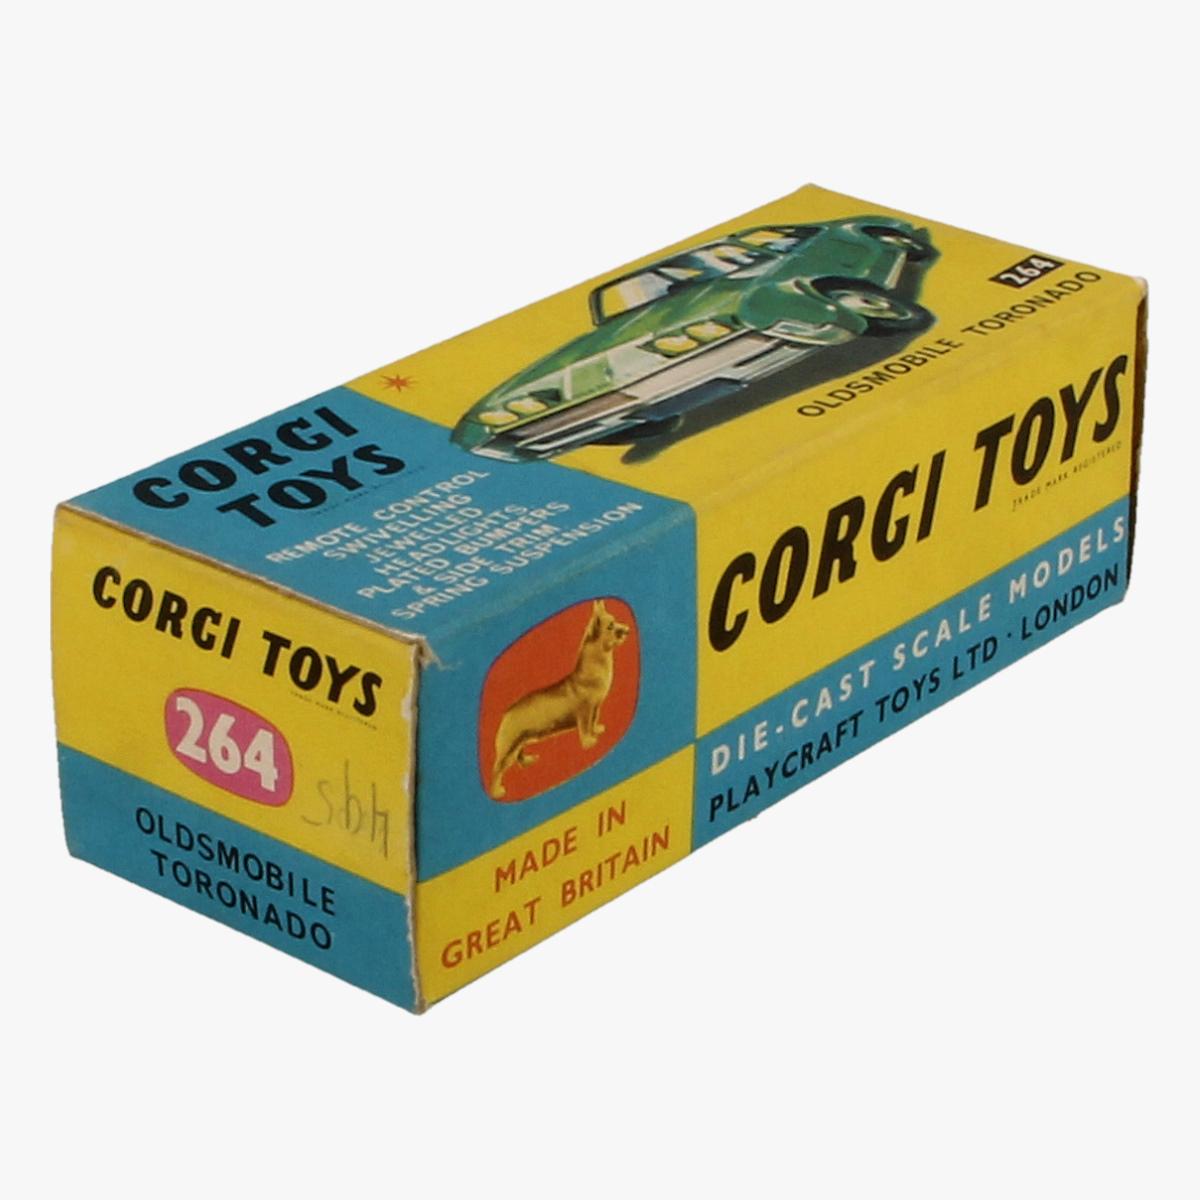 Afbeeldingen van Corgi Toys. Oldsmobile Tornonado, 264.